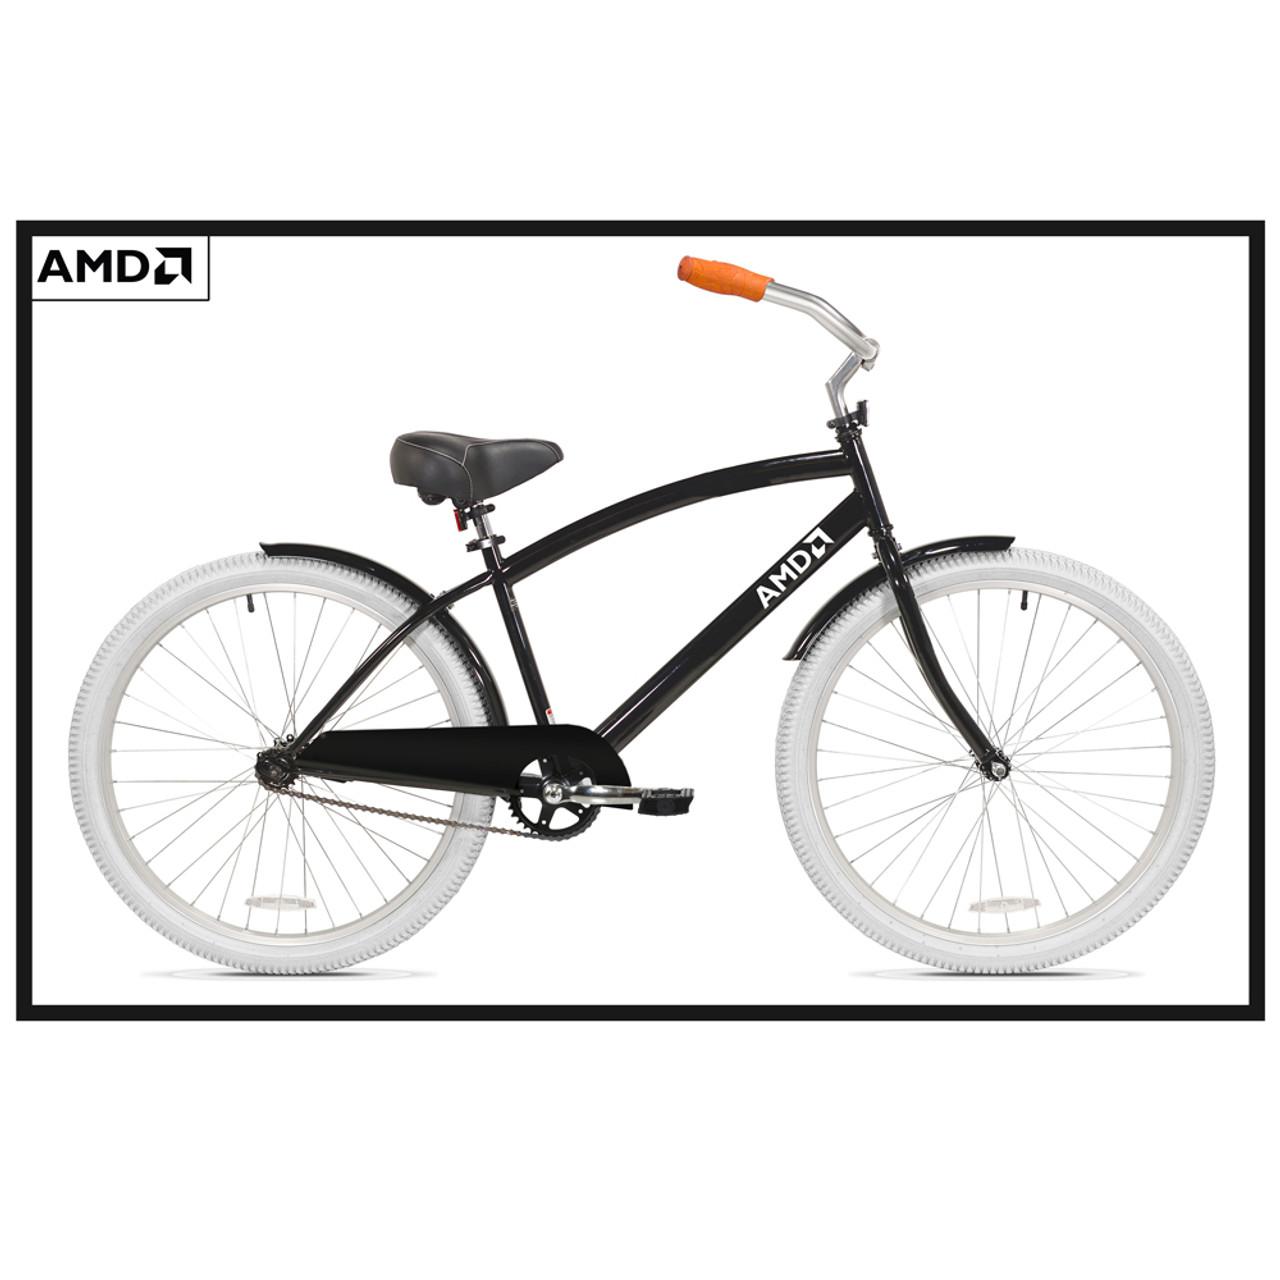 Amd Custom Cruiser Bike Sold Out